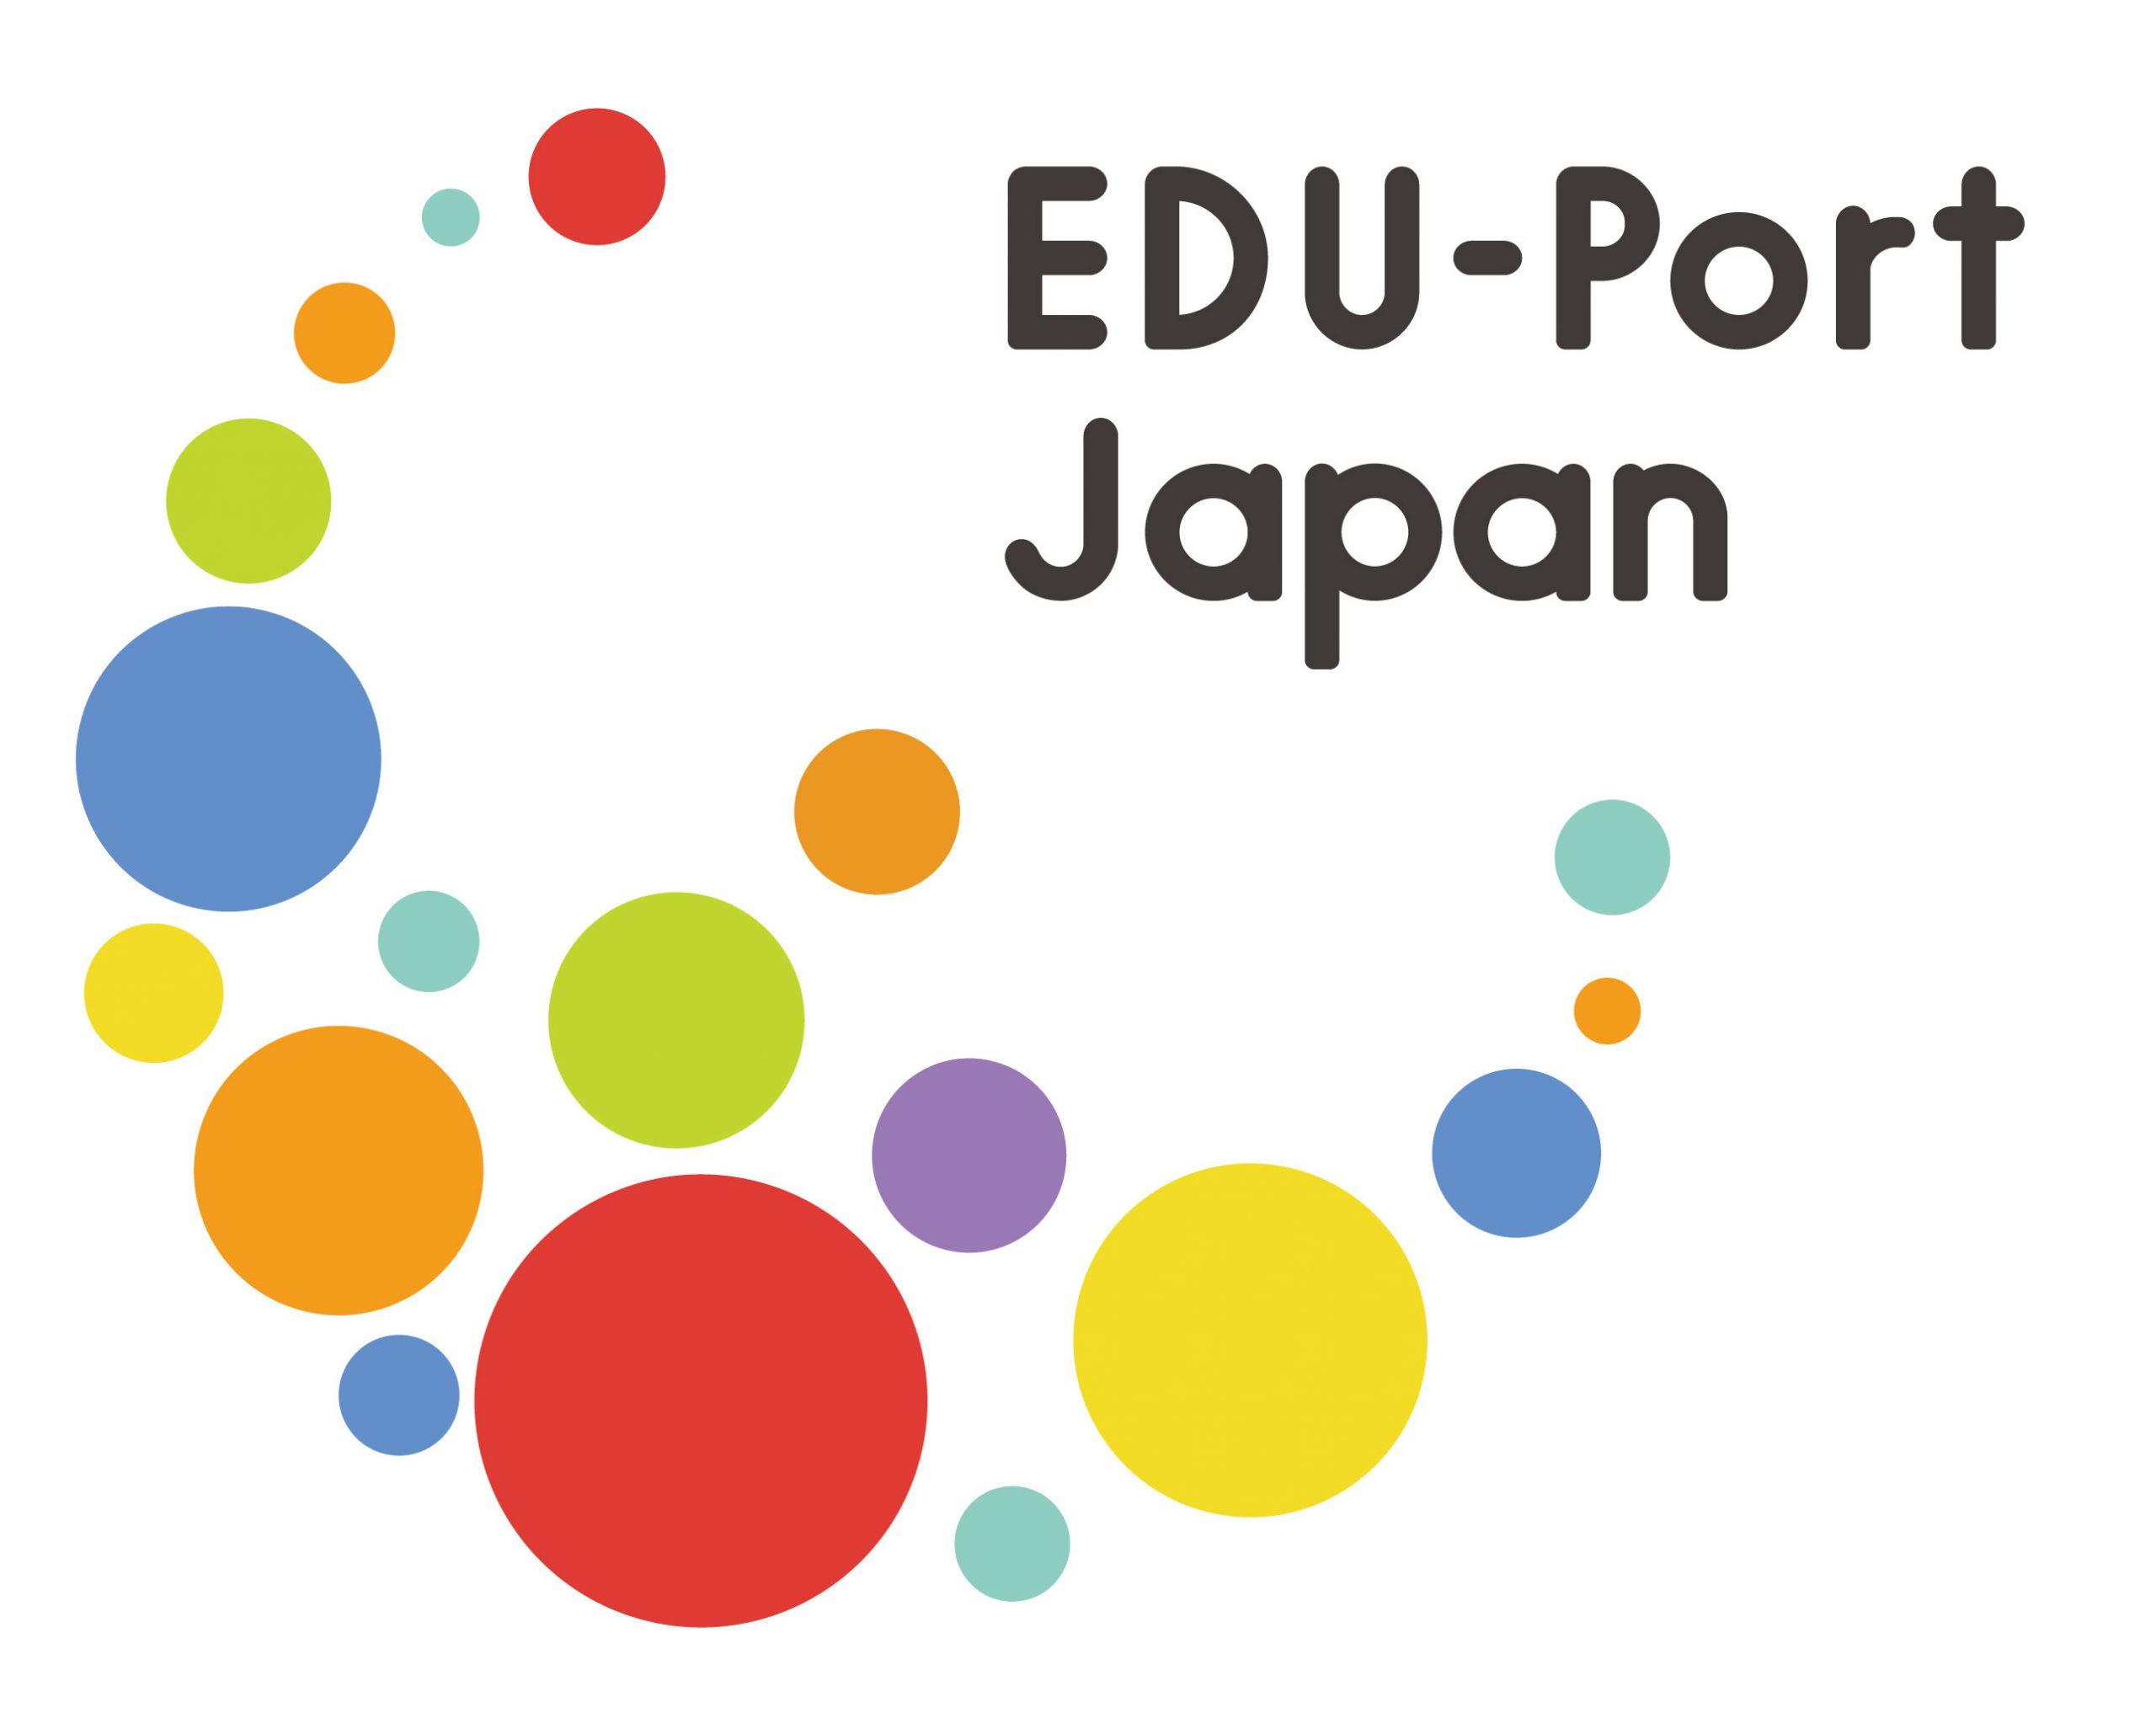 【申込受付中】EDU-Portシンポジウム(令和3年 3月9日(火)14:00~17:30)にて本法人副代表理事の豊福彬文が活動報告を行います